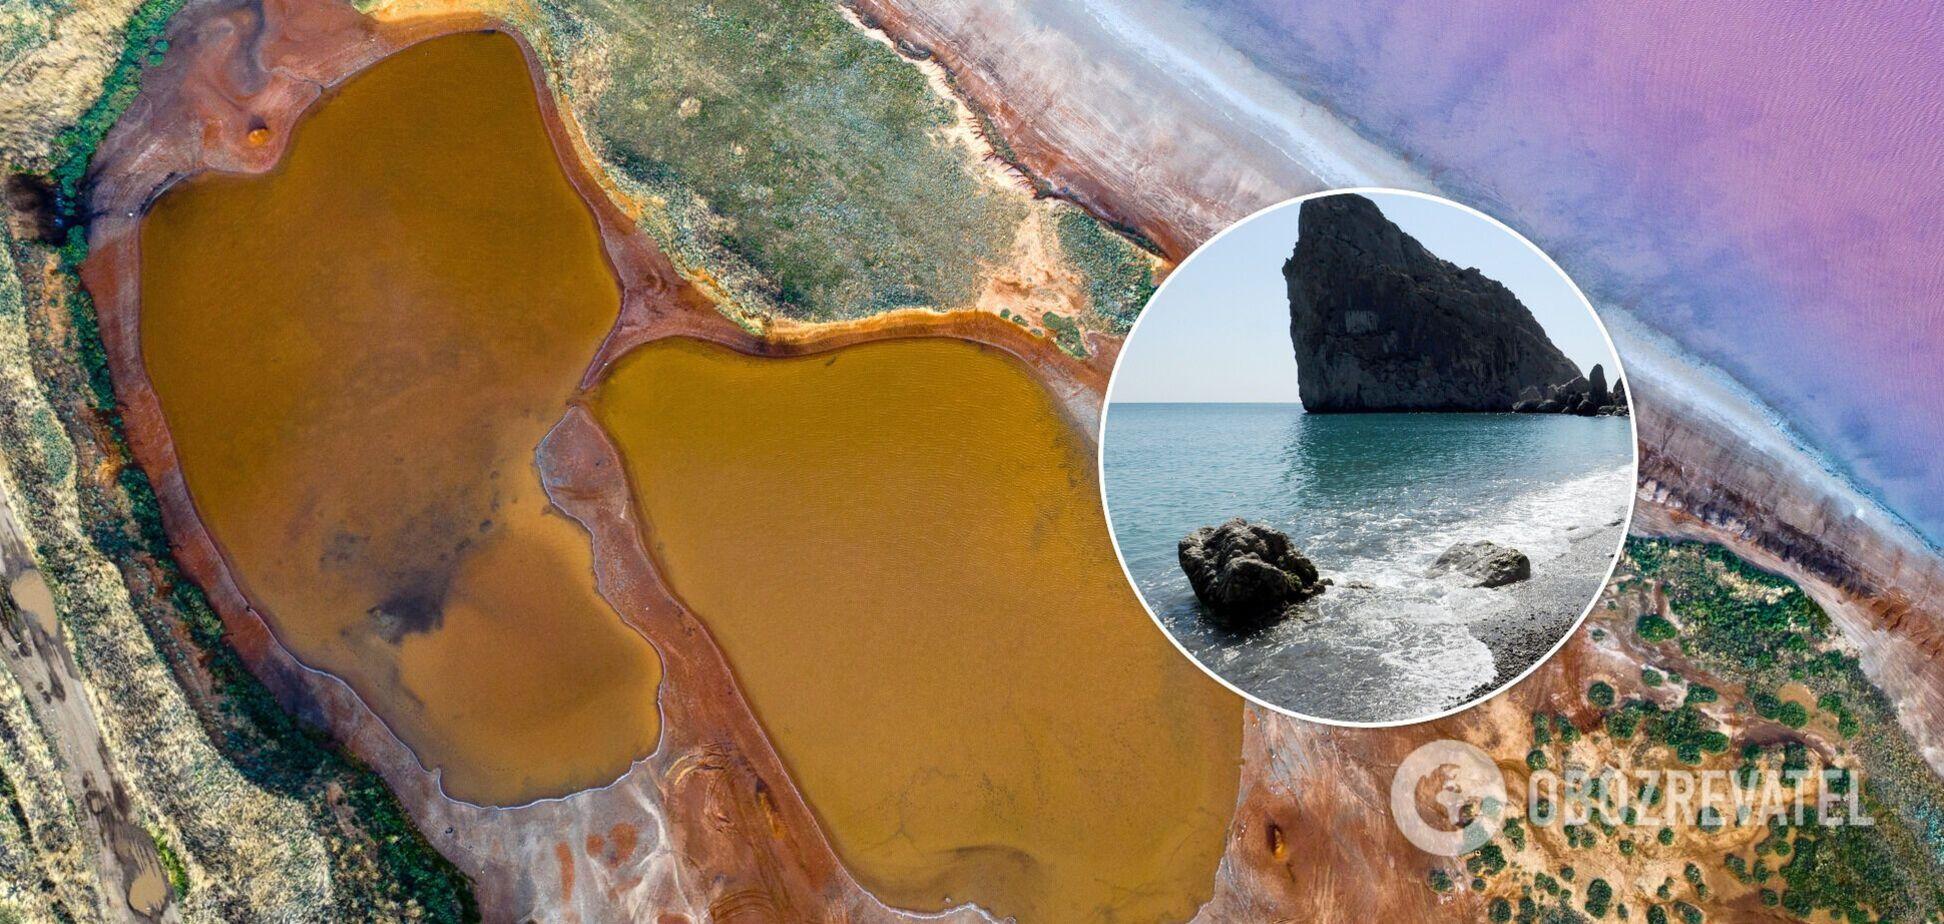 Викачування підземних вод у Криму загрожує катастрофою, – Умеров